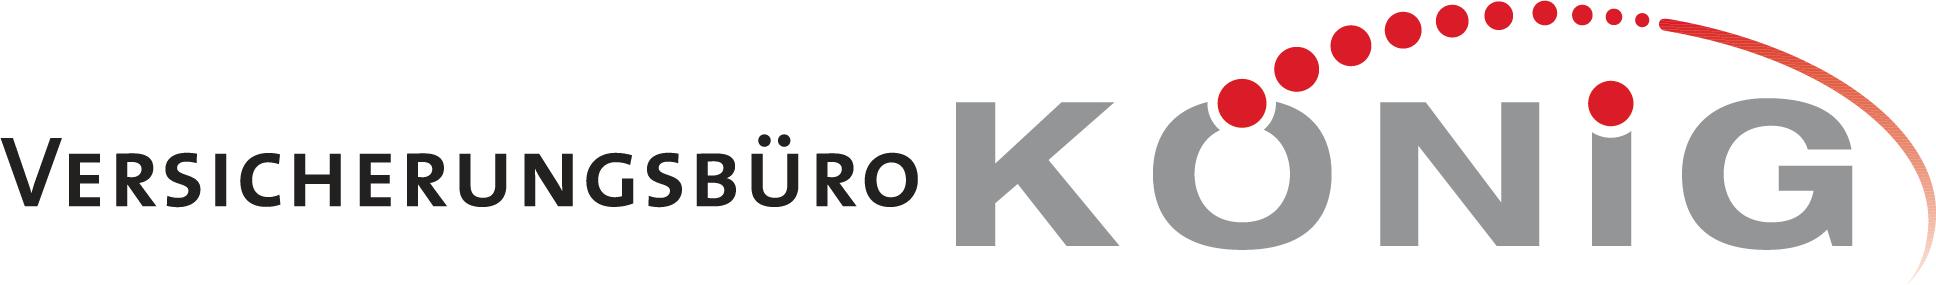 Versicherungsbüro König KG | Martina & Werner König | Mauthausen | Versfinanz-Partner